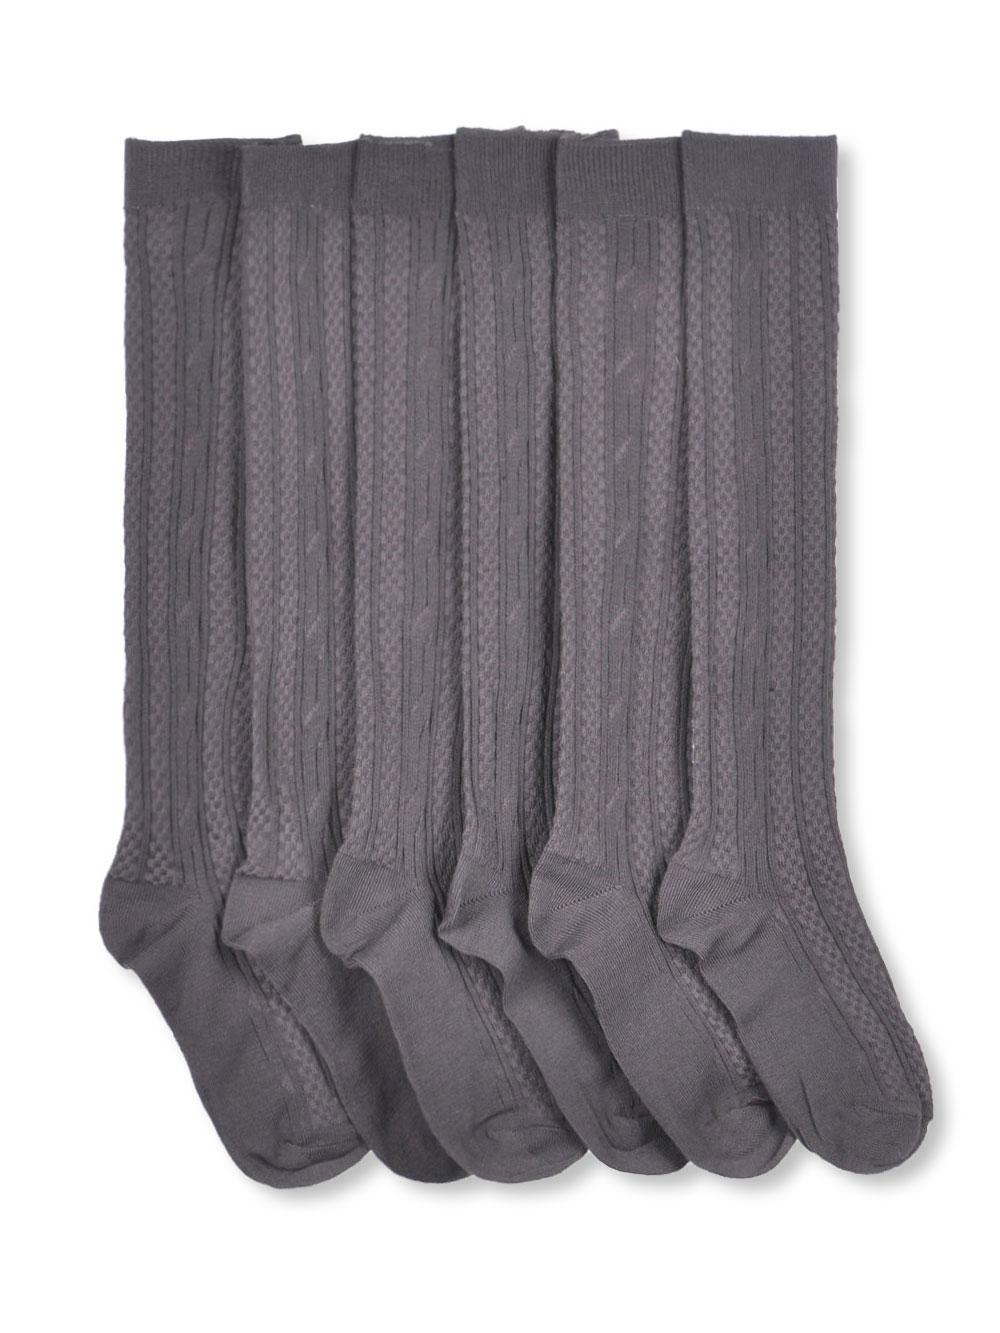 Blue  Heaven Blue Heaven Girls Blue Heaven Cable Knee Socks (Sizes 6 - 11) - gray, 9 - 11